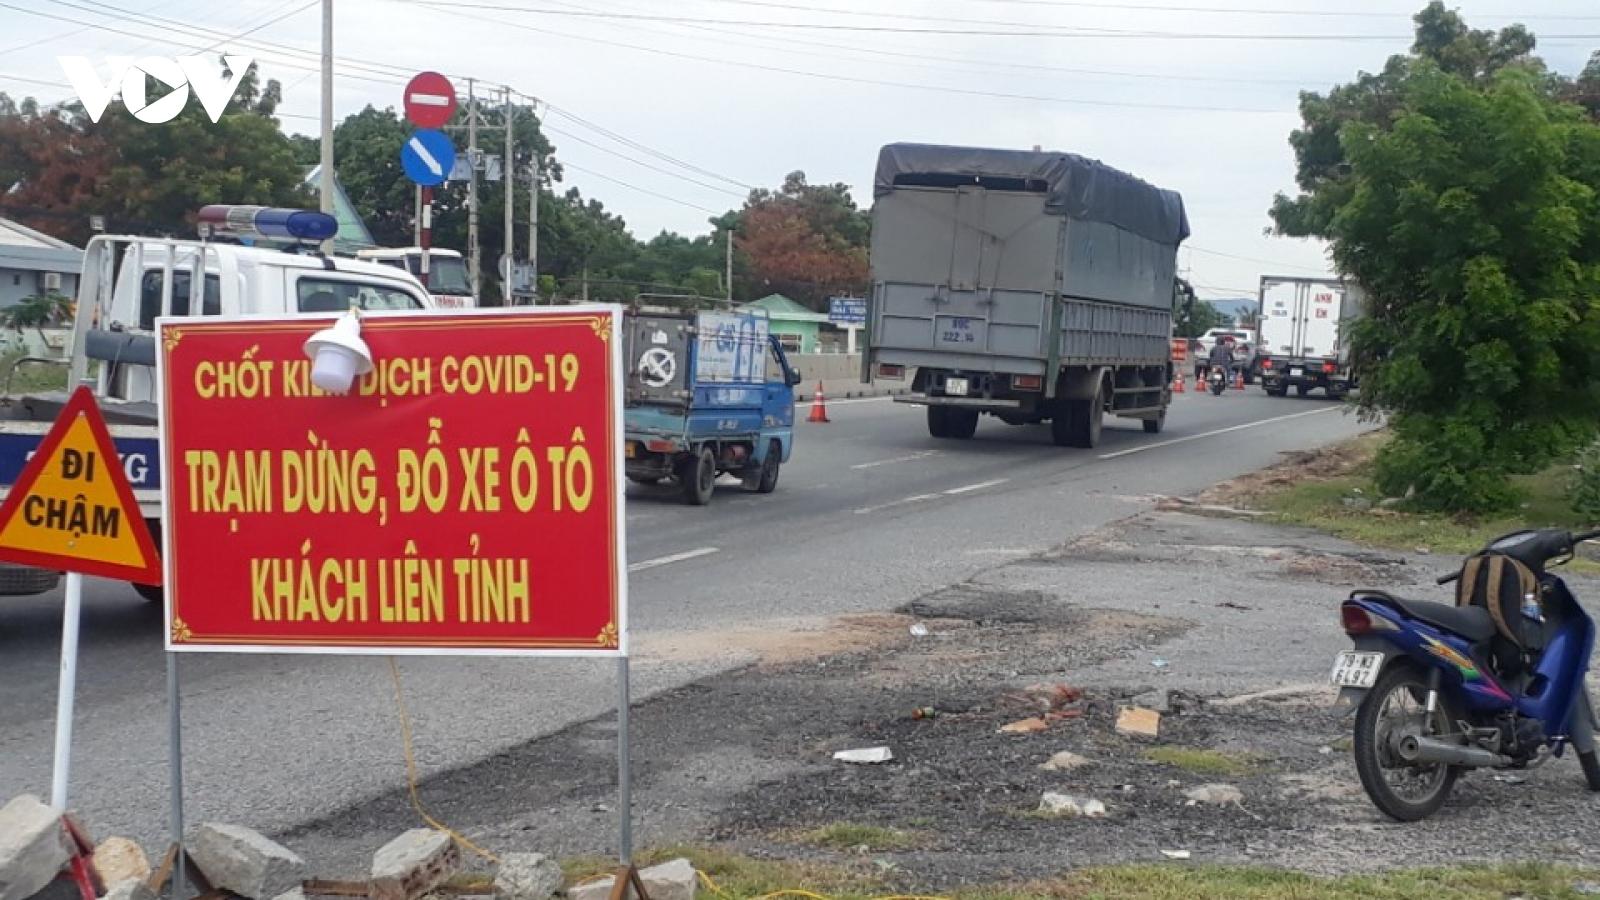 Bình Thuận dừng hoạt động các chốt kiểm soát dịch liên tỉnh từ ngày mai (17/10)